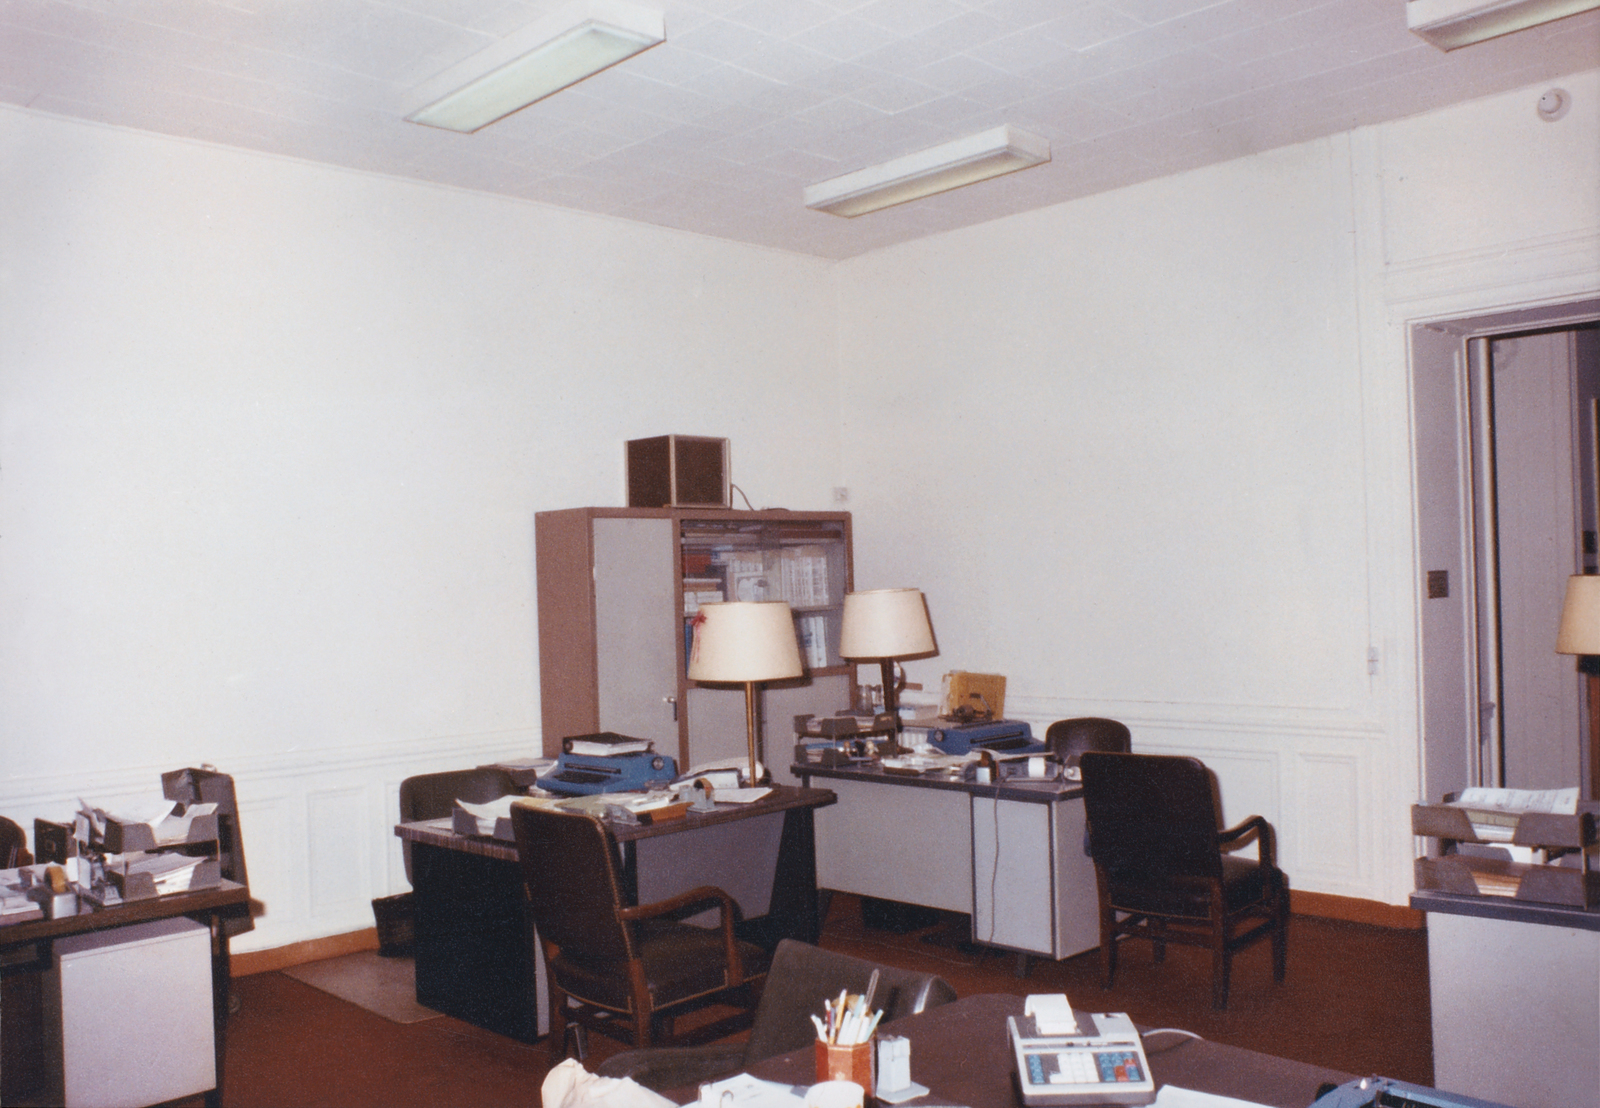 Paris - Annex Office Building